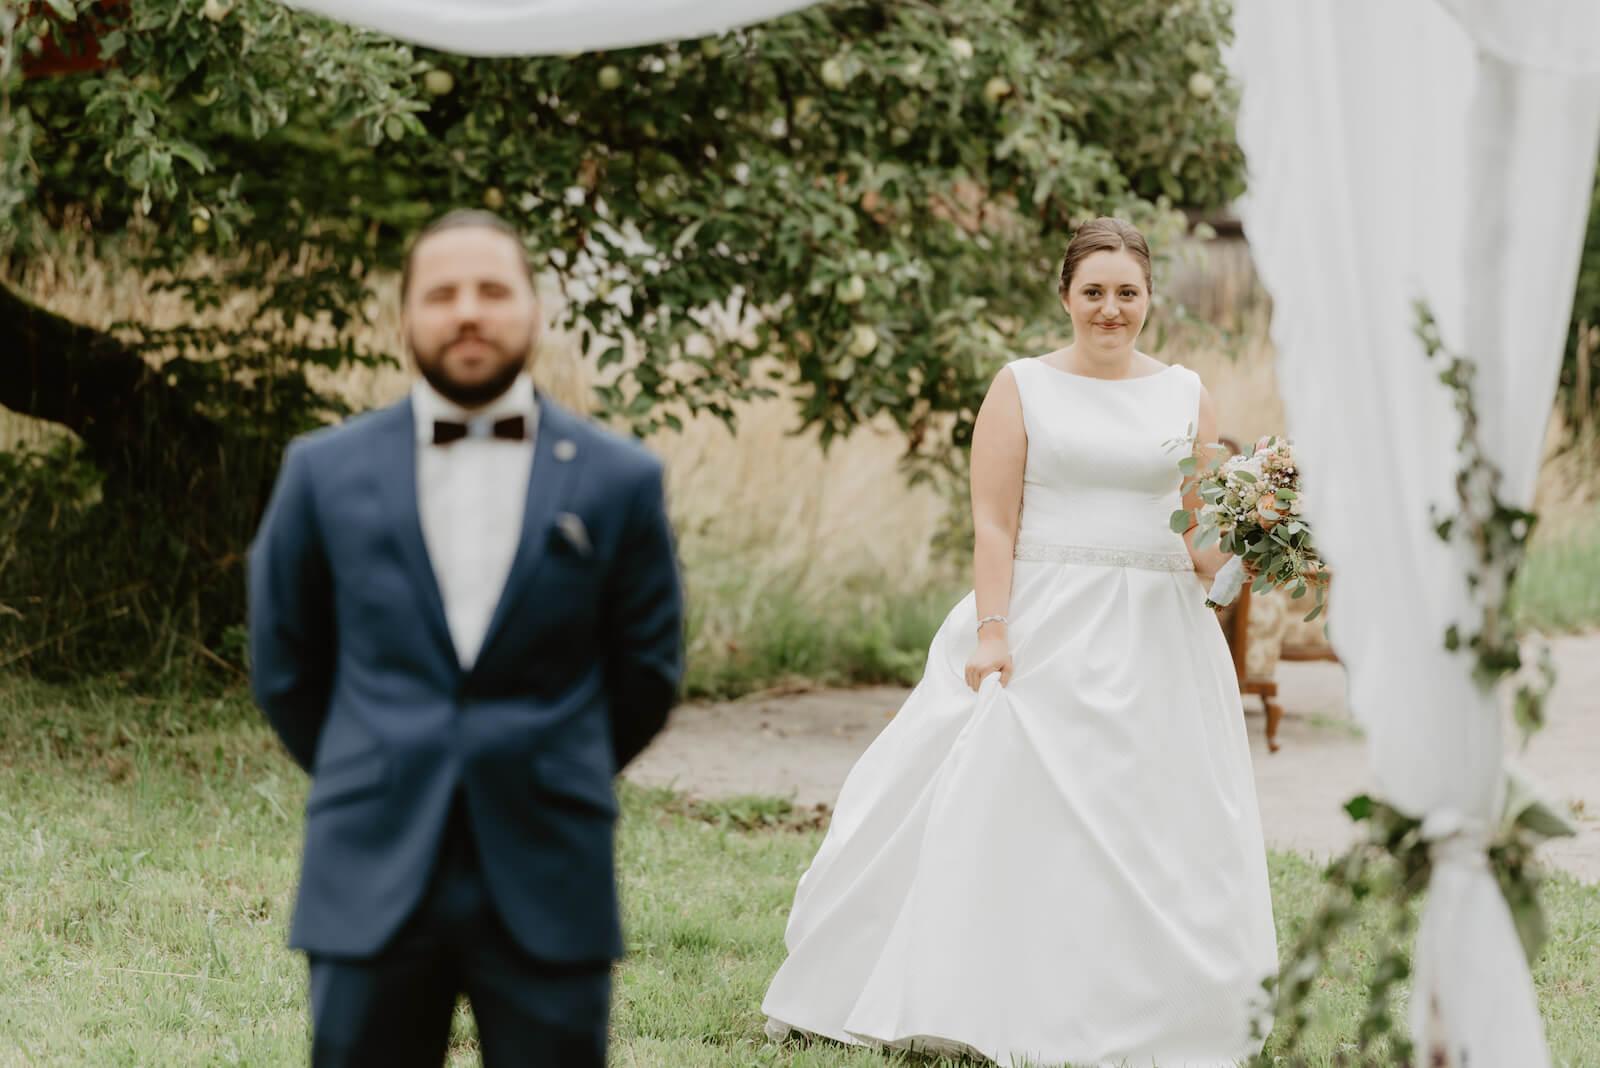 Gartenhochzeit Buchloe - first look, die Braut nähert sich dem Bräutigam